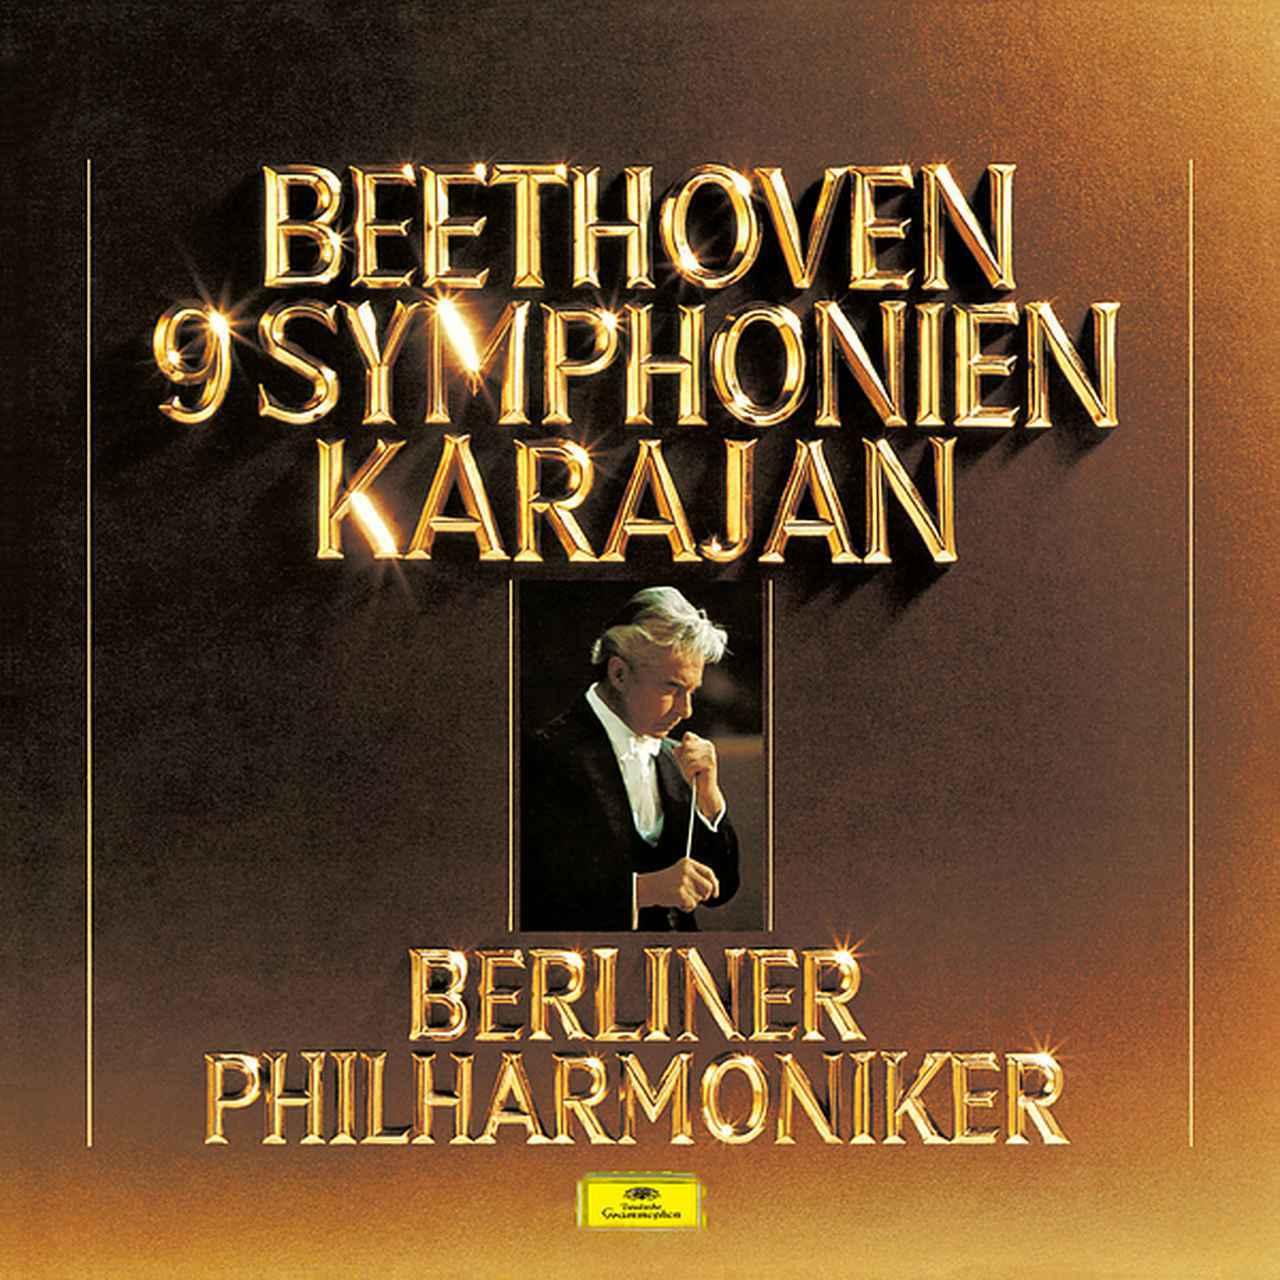 画像: ベートーヴェン:交響曲全集/ベルリン・フィルハーモニー管弦楽団, ヘルベルト・フォン・カラヤン